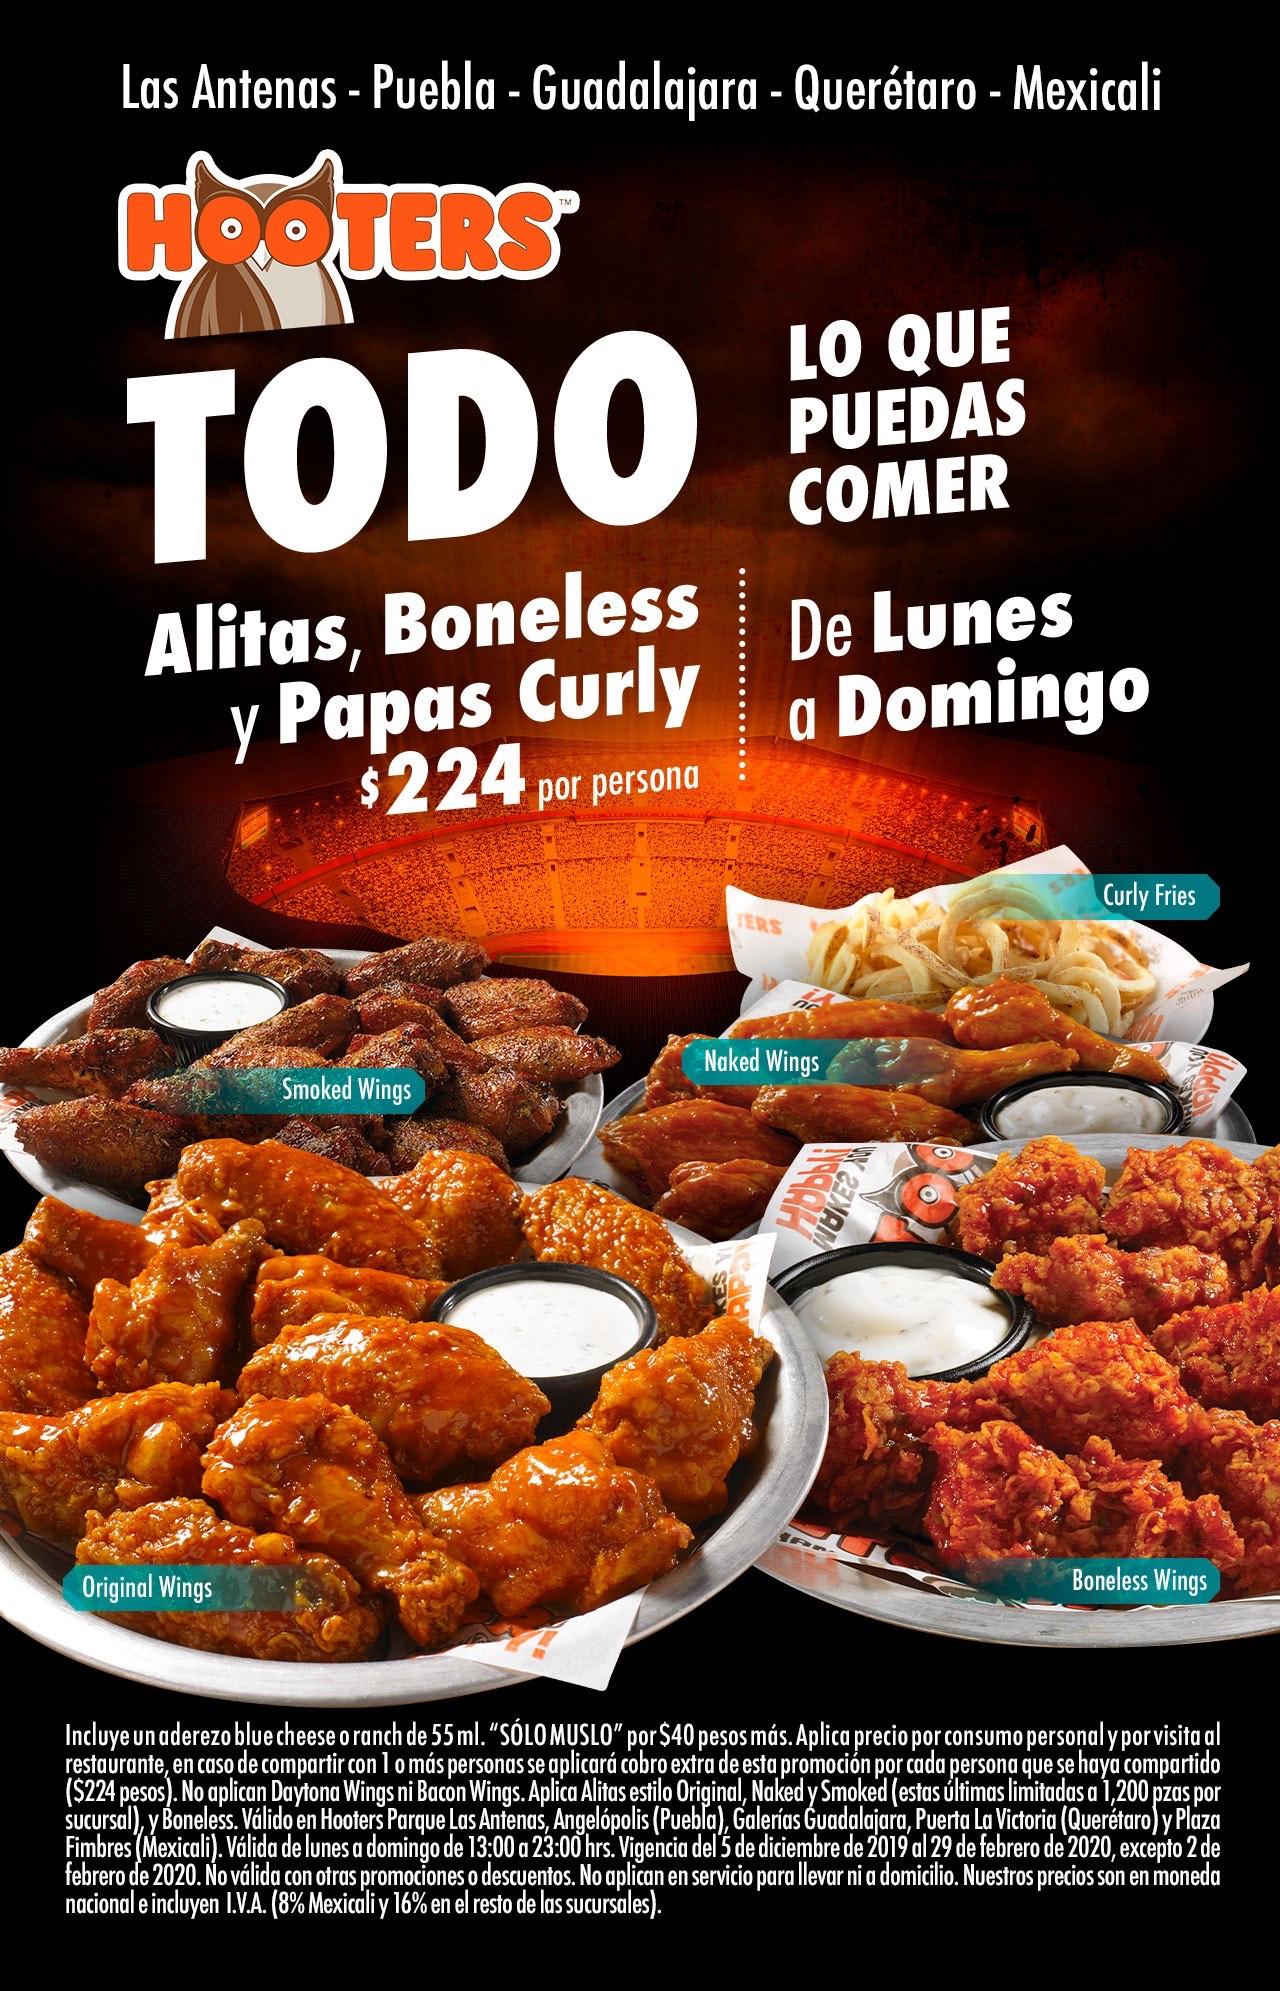 Hooters: todas las alitas, boneless y papás cruly que puedas comer!